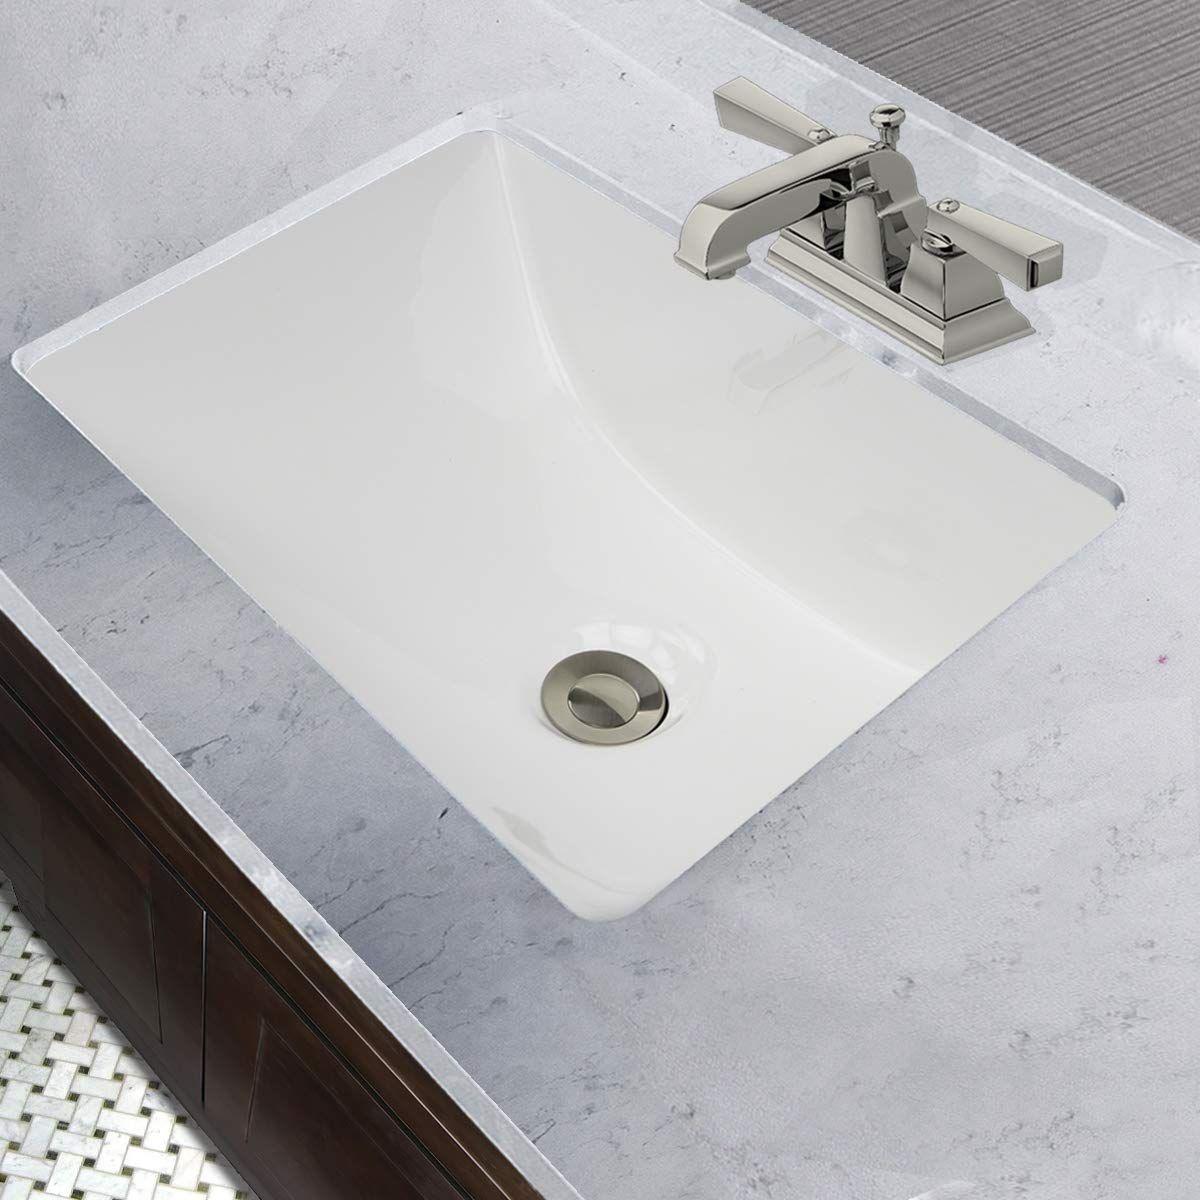 Nantucket Sinks Um 16x11 W 16 Inch By 11 Inch Rectangle Ceramic